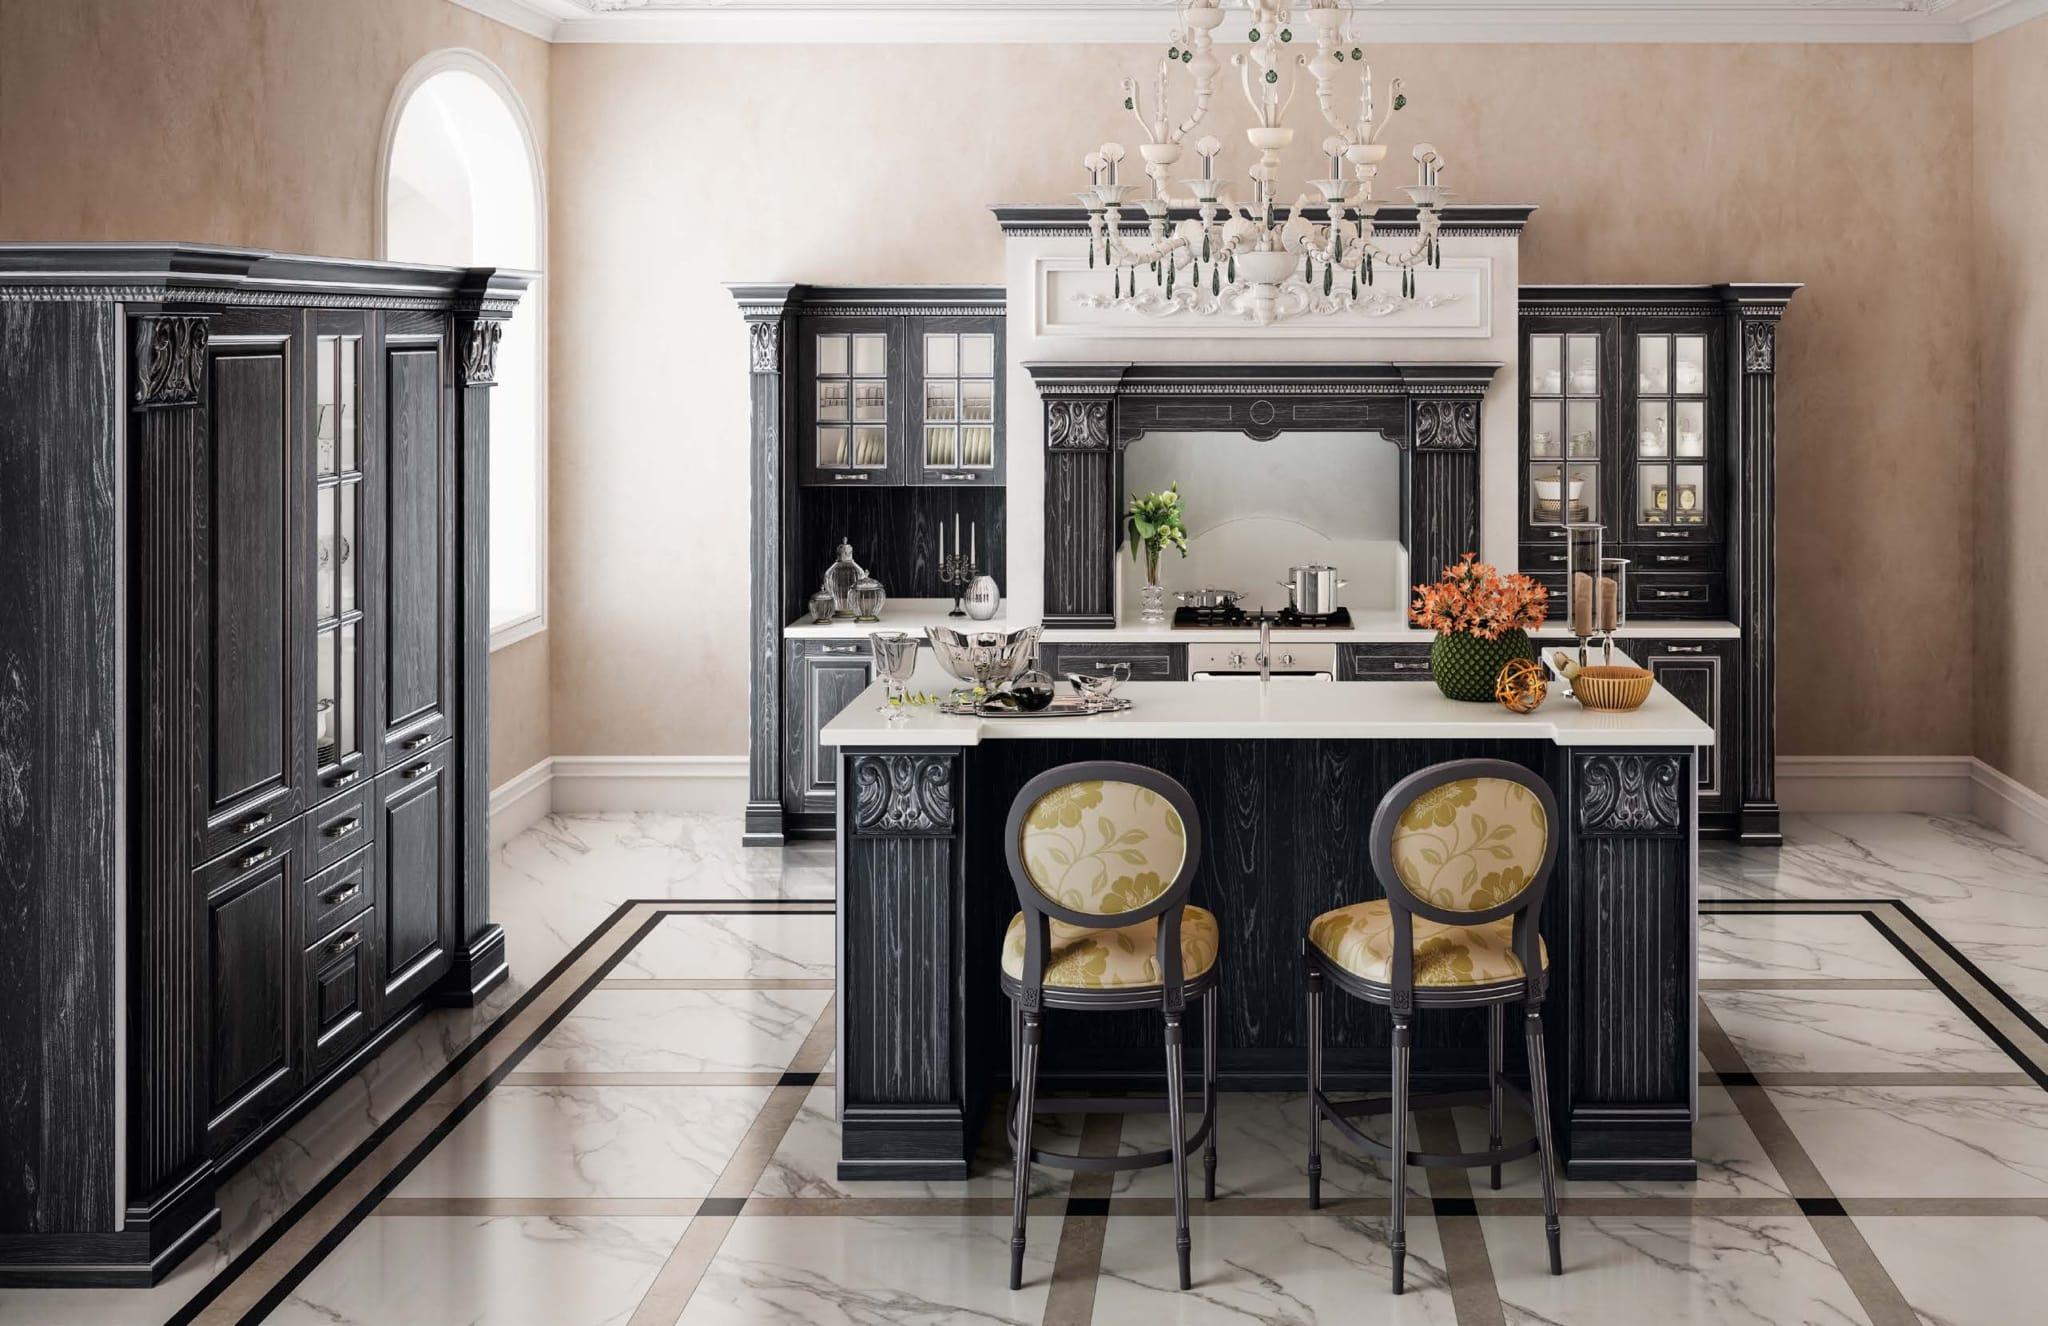 Κουζινα Baroque VITTORIA μασίφ κουζίνα ανθρακί πατίνα ασημί ντεκαπέ